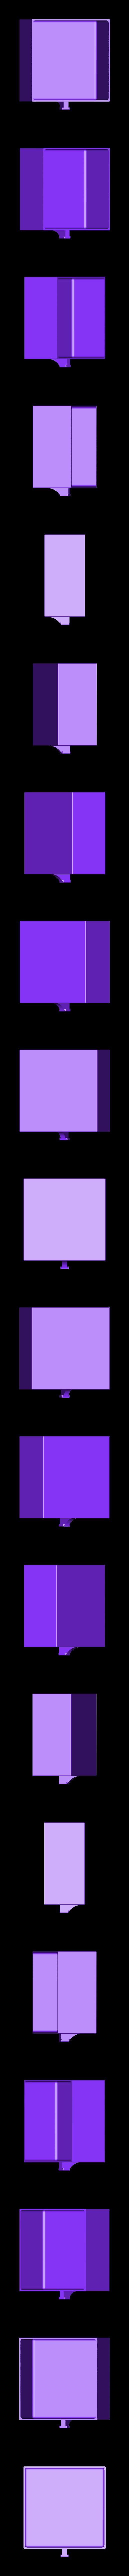 ngan_box.STL Download free STL file Resistor Box or Tool box • 3D printing template, TB3D